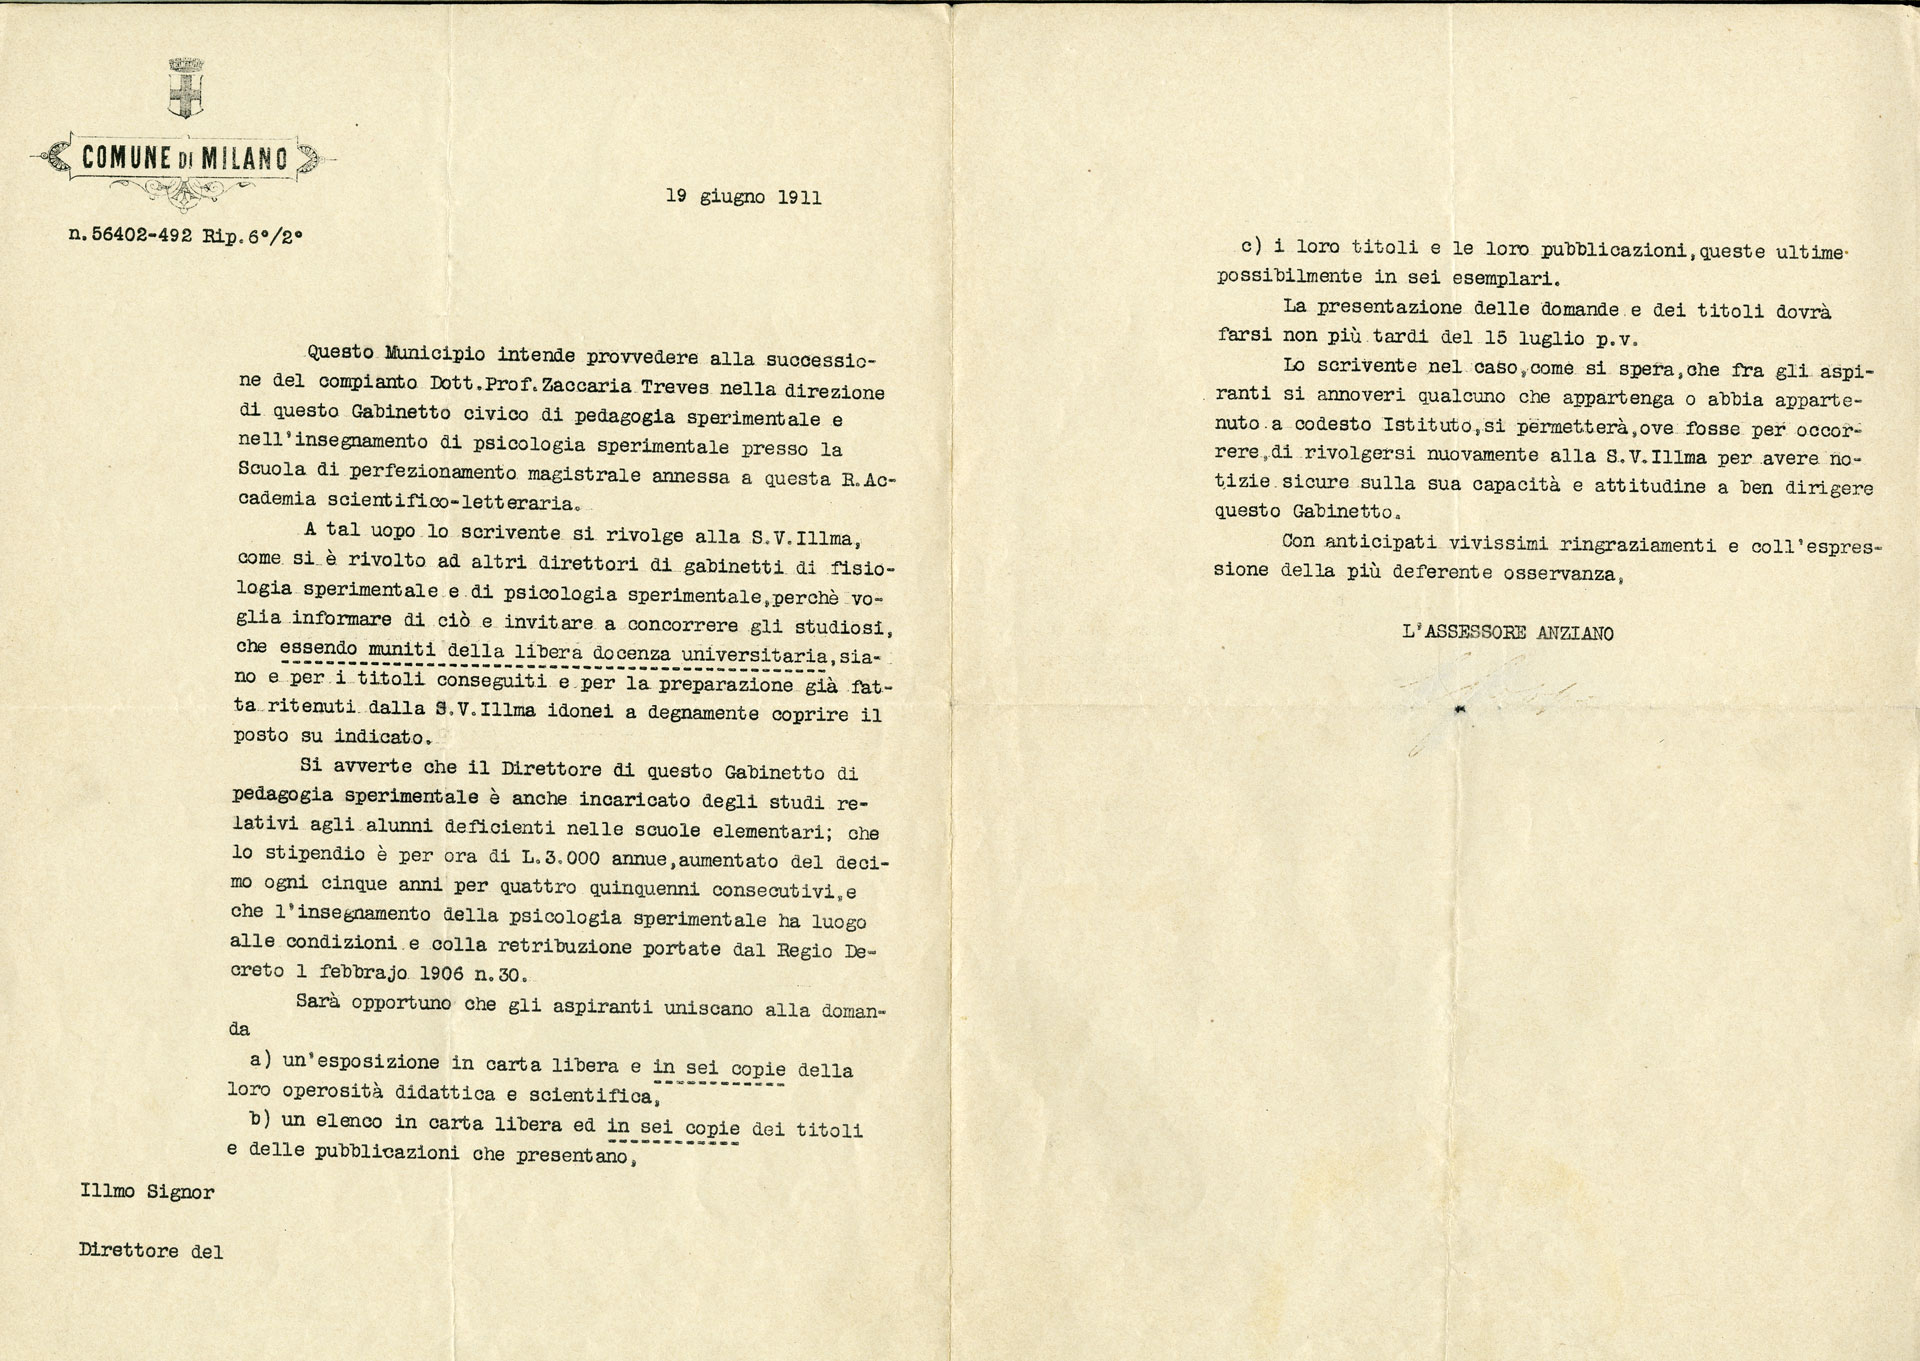 Avviso di concorso indetto dal Comune di Milano per la successione di Zaccaria Treves